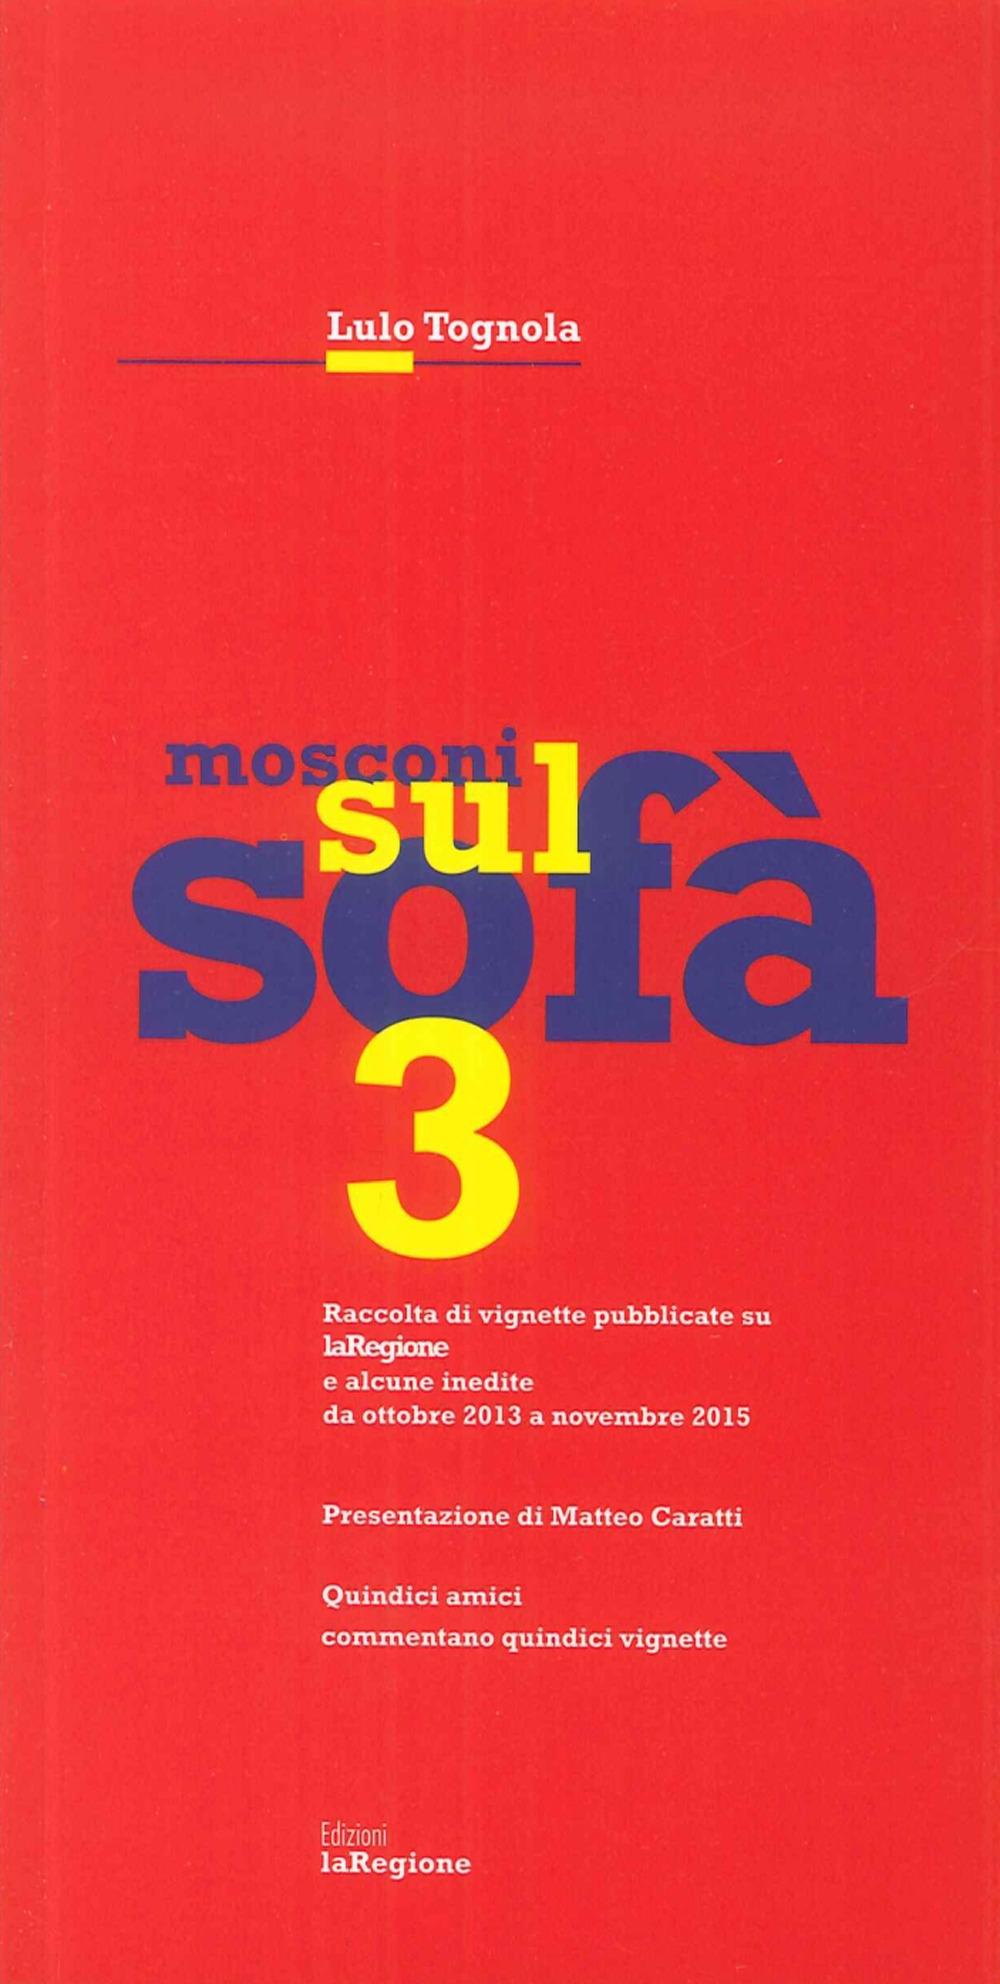 Mosconi sul Sofà 3. Raccolta di Vignette Pubblicate Su Laregione e Alcune Inedite Da Ottobre 2013 a Novembre 2015.